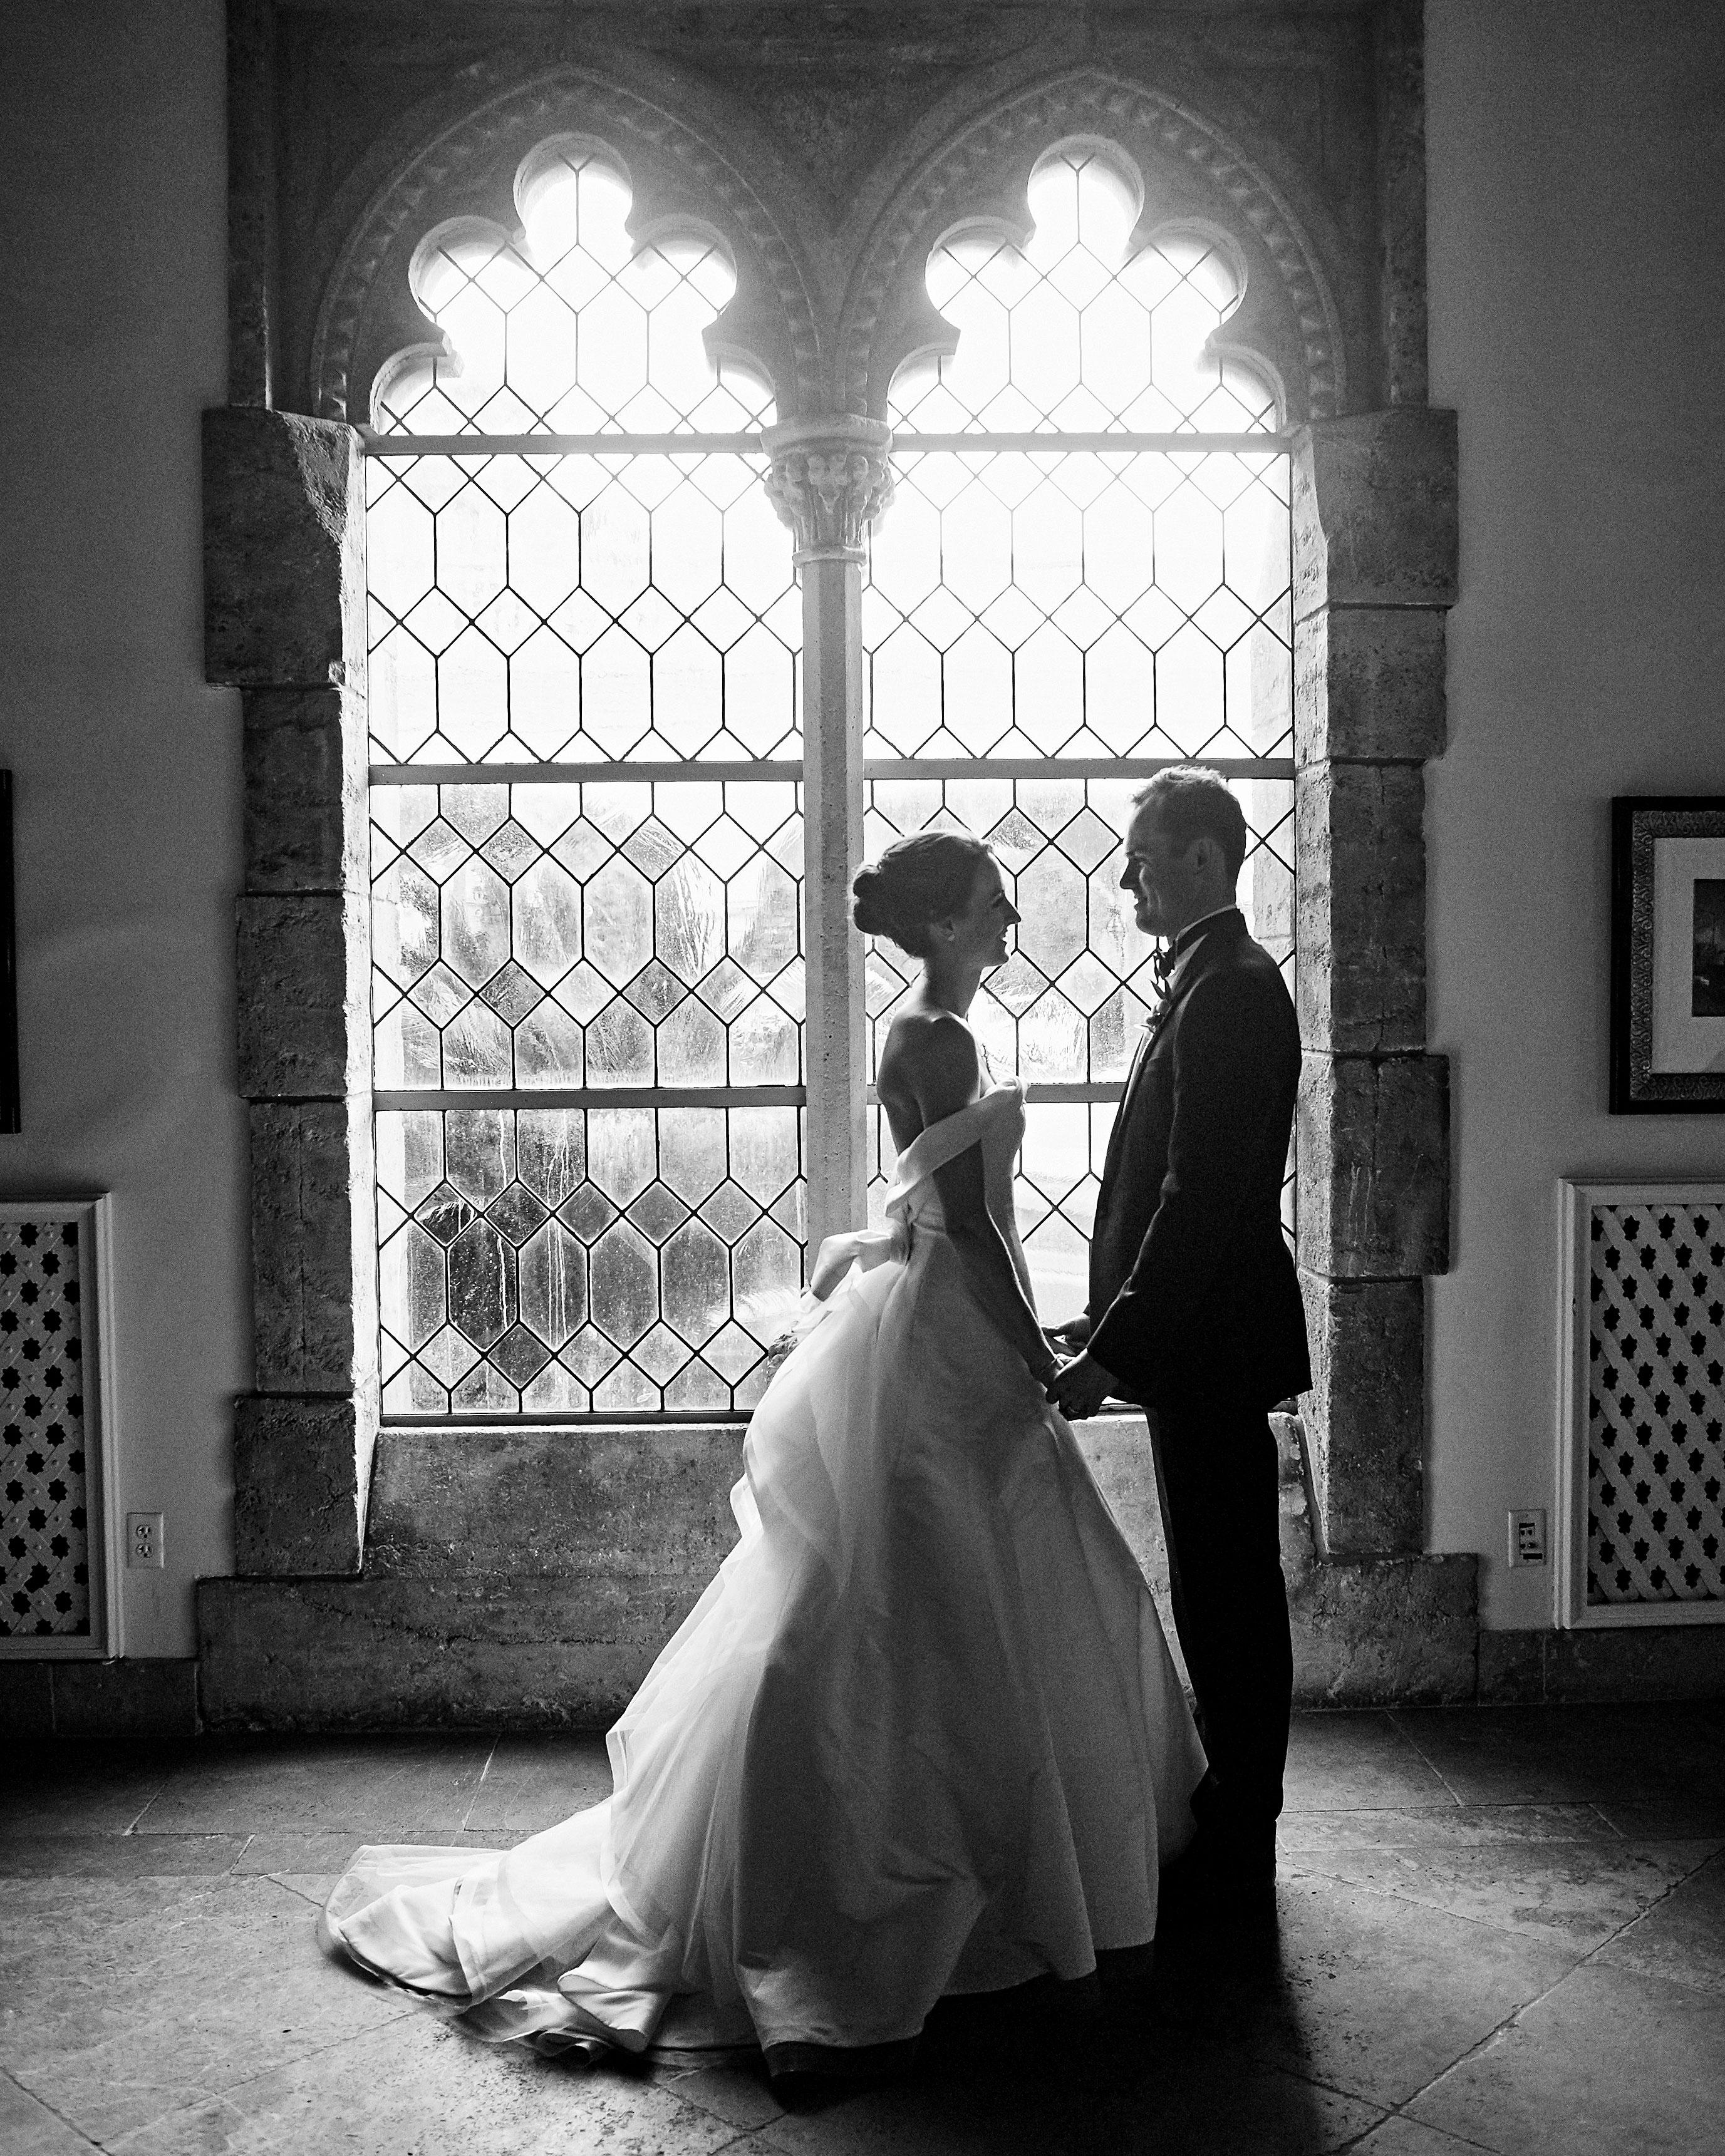 nancy-nathan-wedding-couple-0843-6141569-0816.jpg